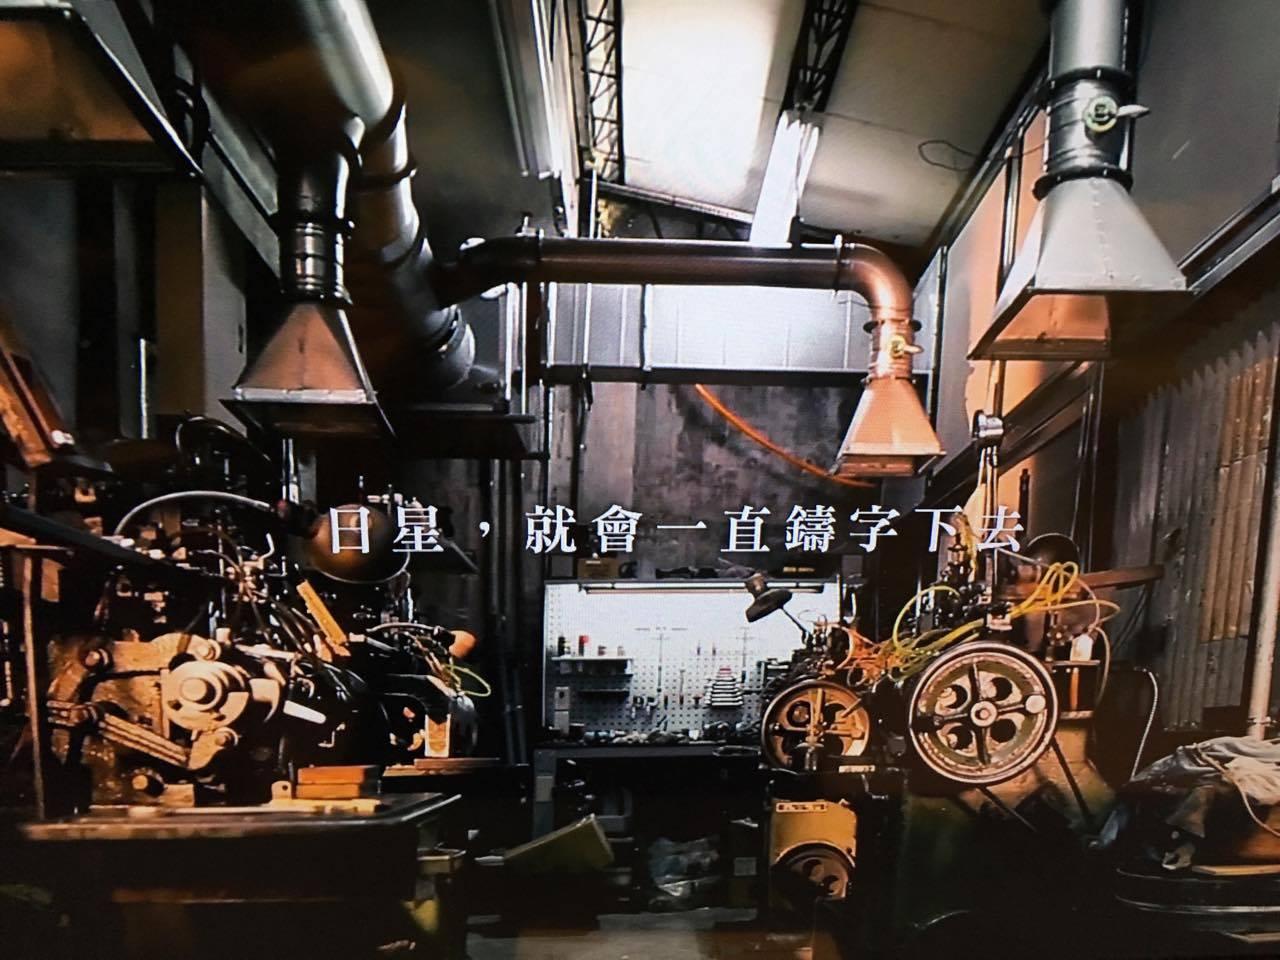 日星鑄字行目前在推行「字體銅模修復計畫」www.rixing2017.com 期待透過修復能翻印鉛字的銅模,讓鉛字可以繼續生生不息。 攝影/陳韋蓉